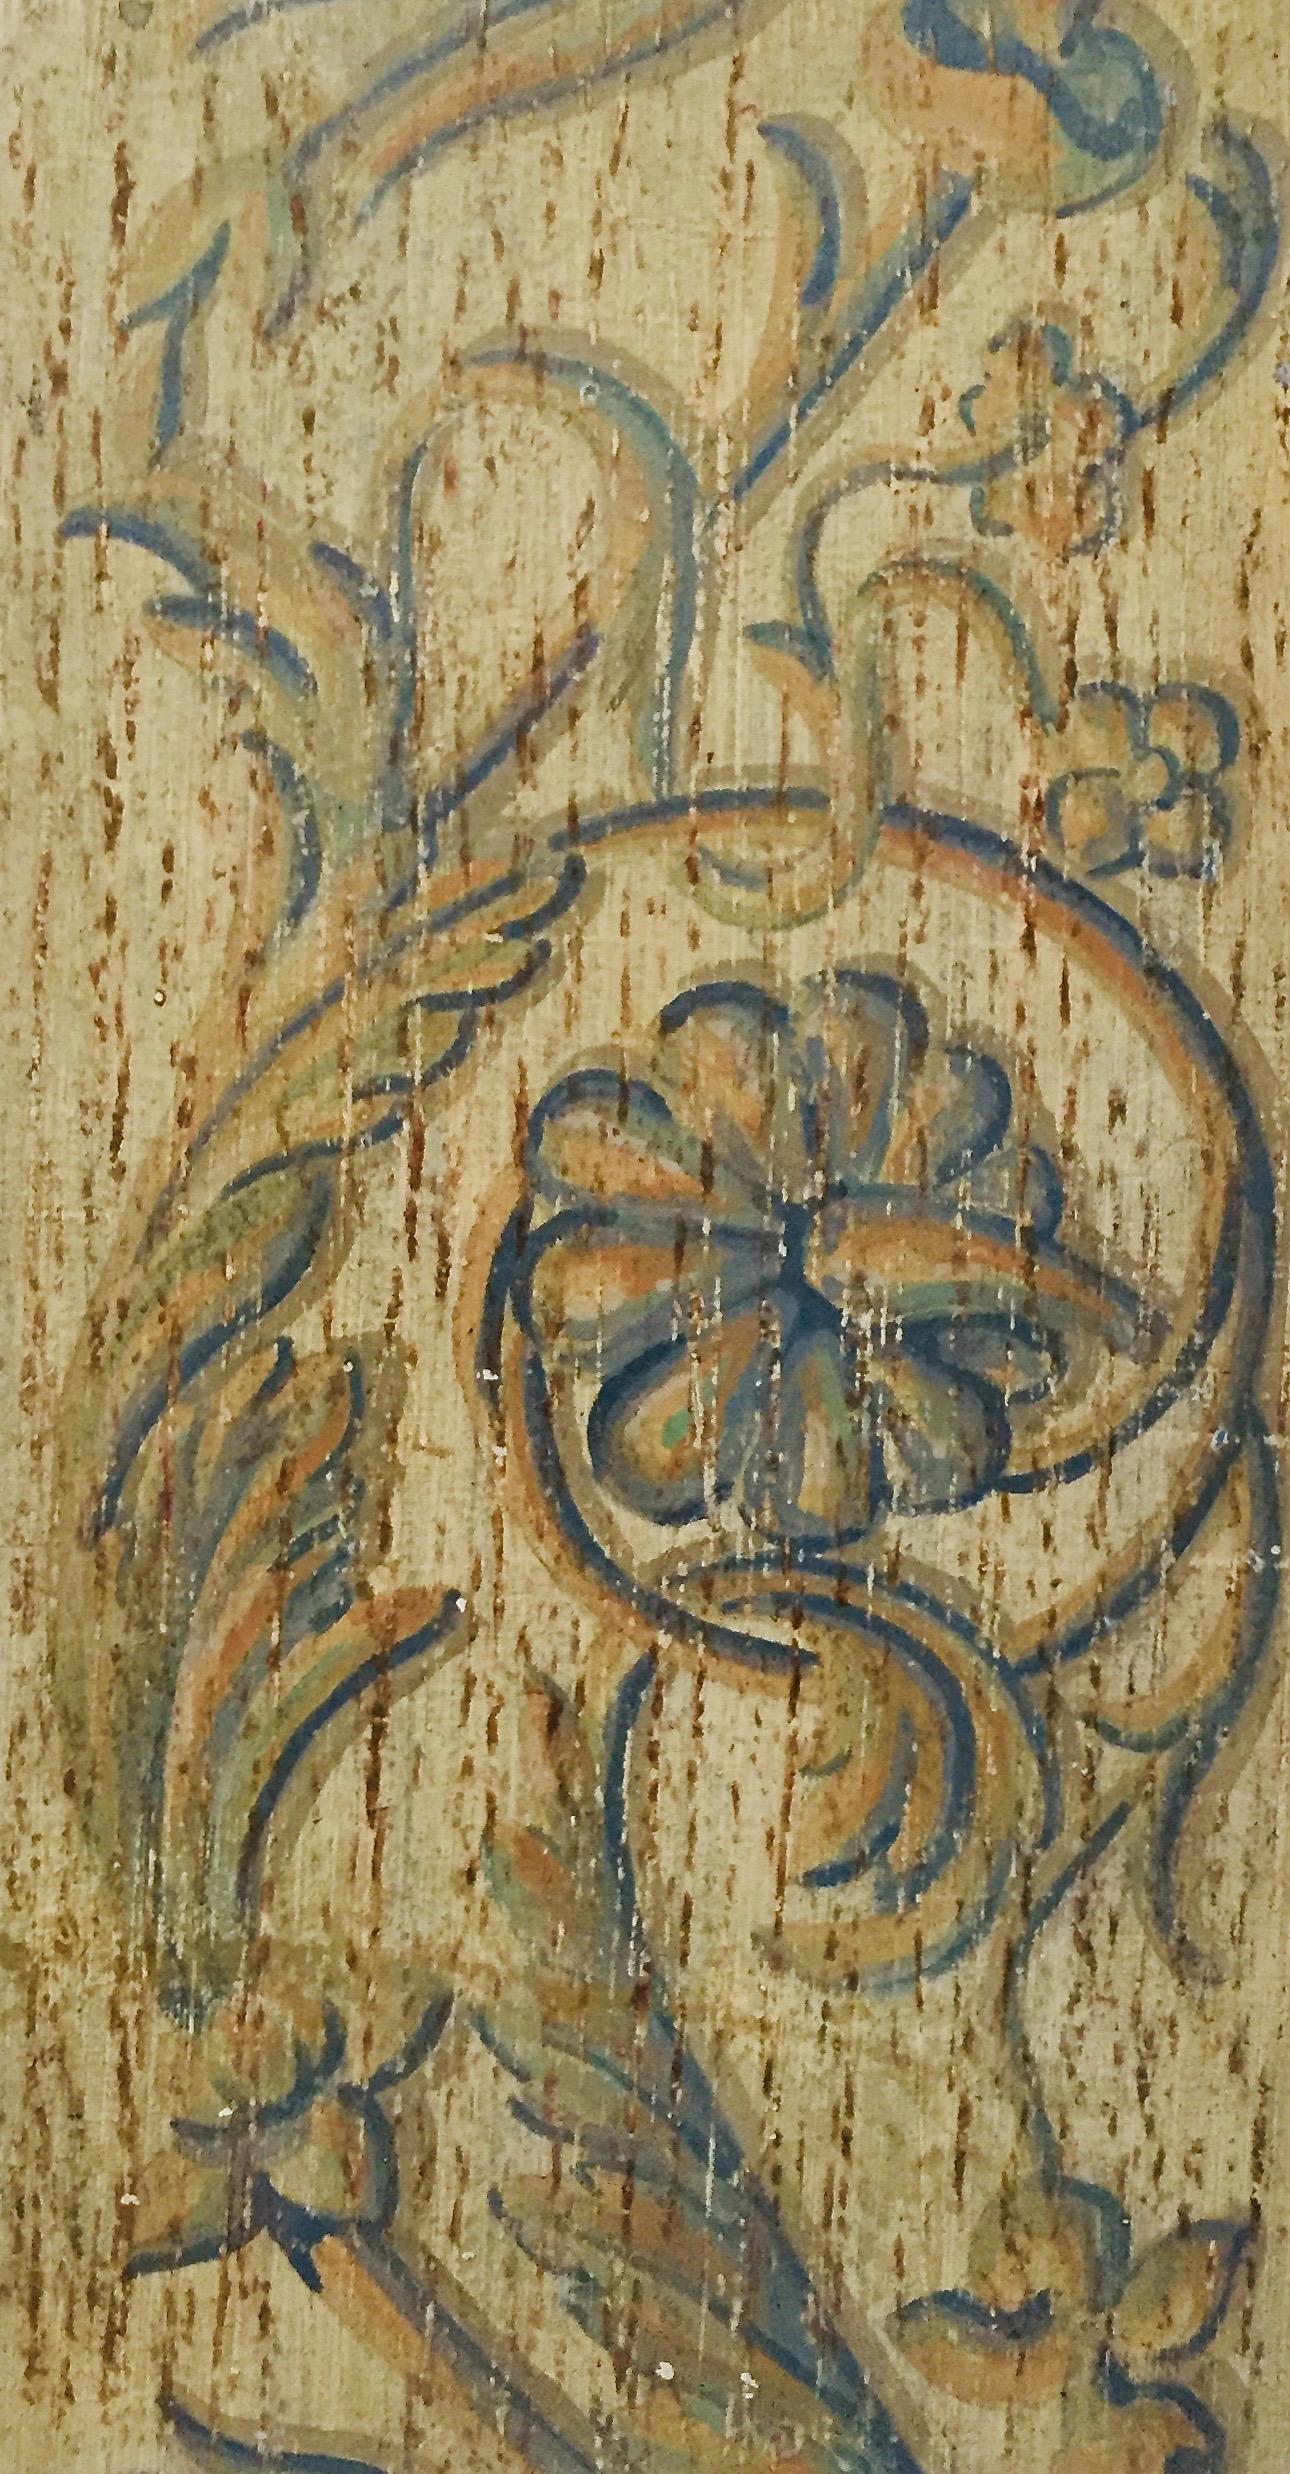 MV DECOR - Ornementation florale. Peinture sur bois.